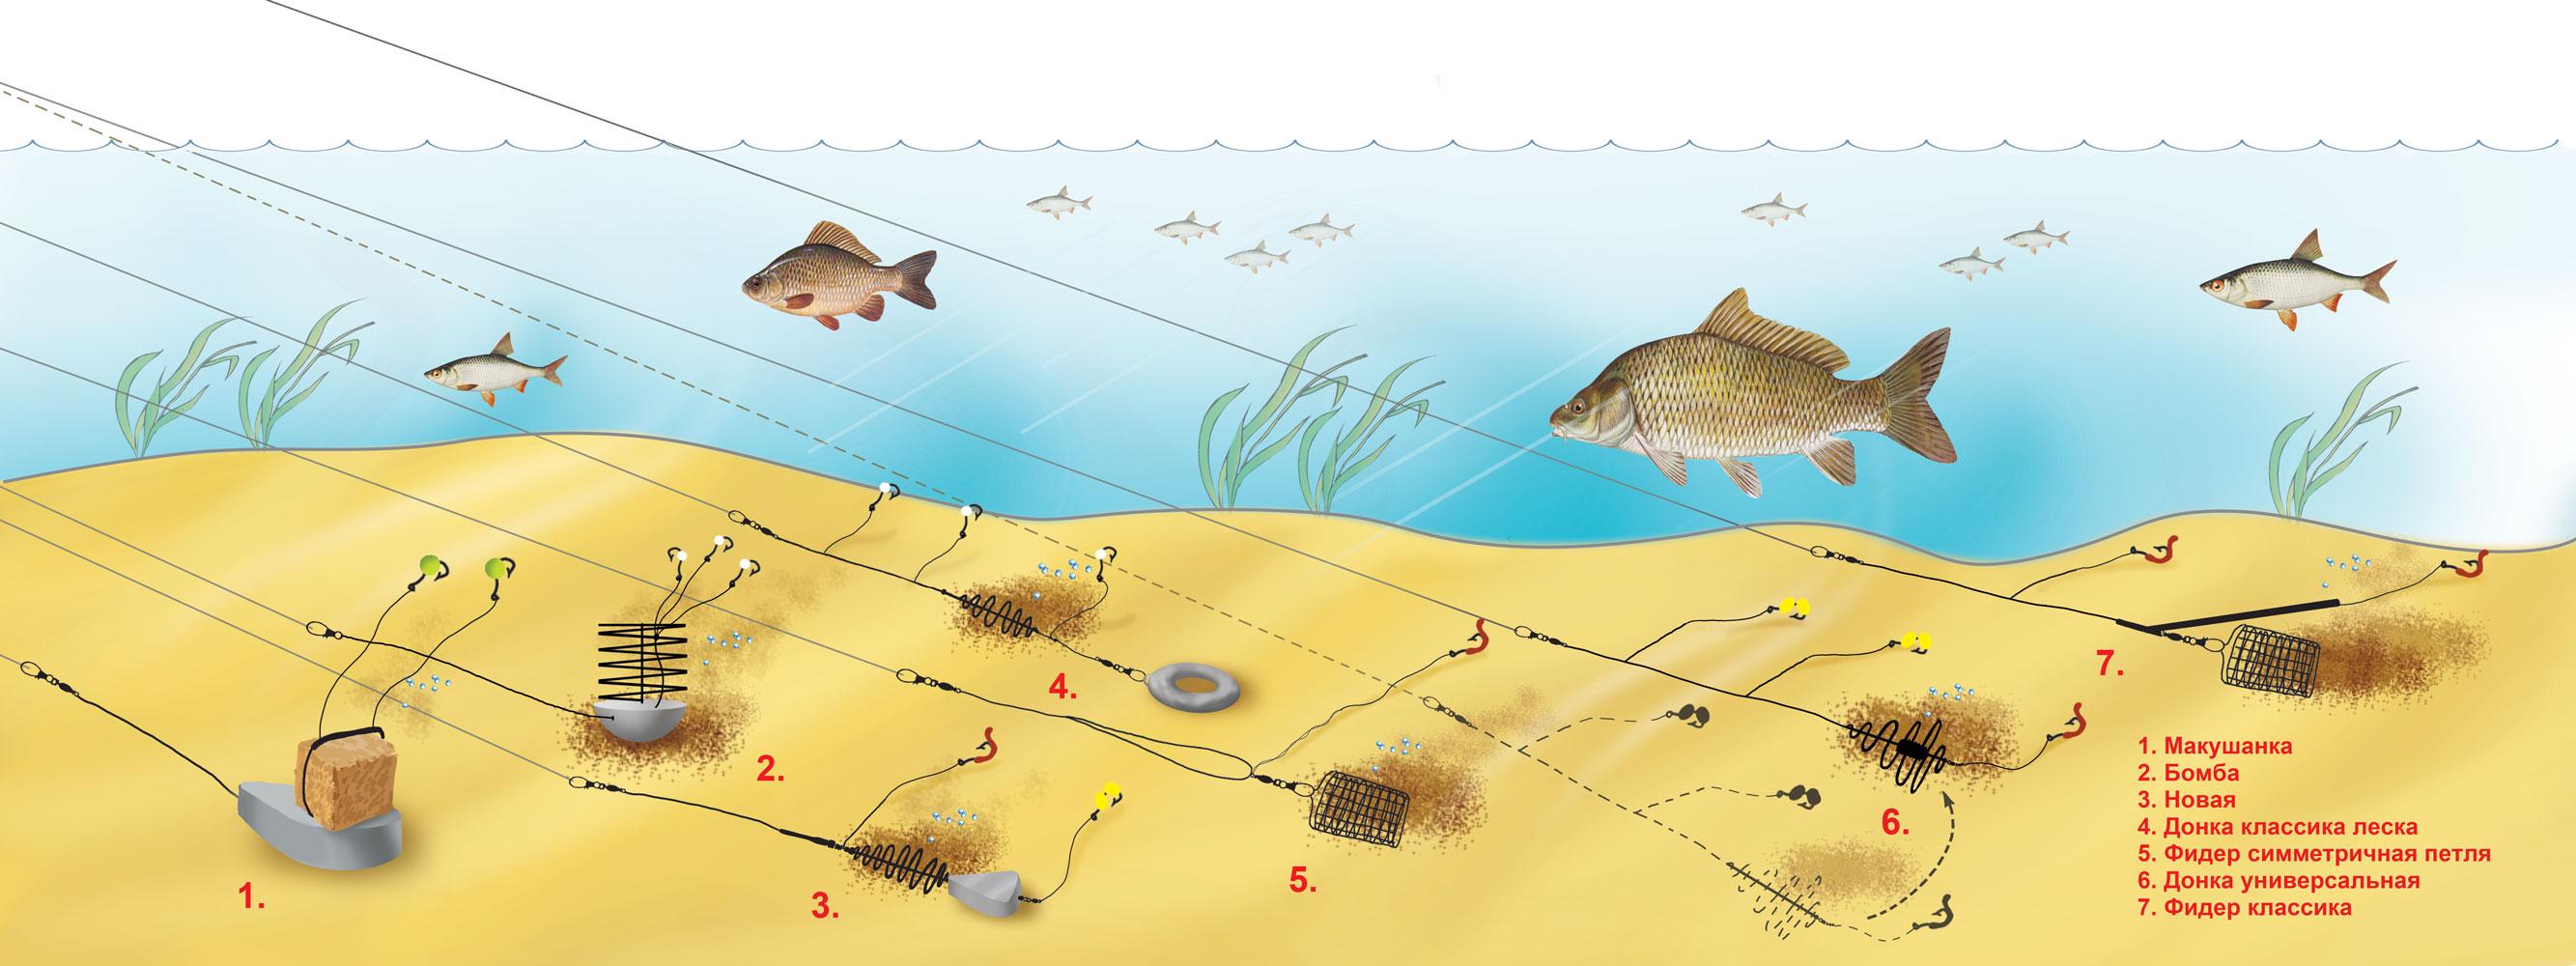 Как сделать перемет и ловить рыбу, не нарушая закон? 12